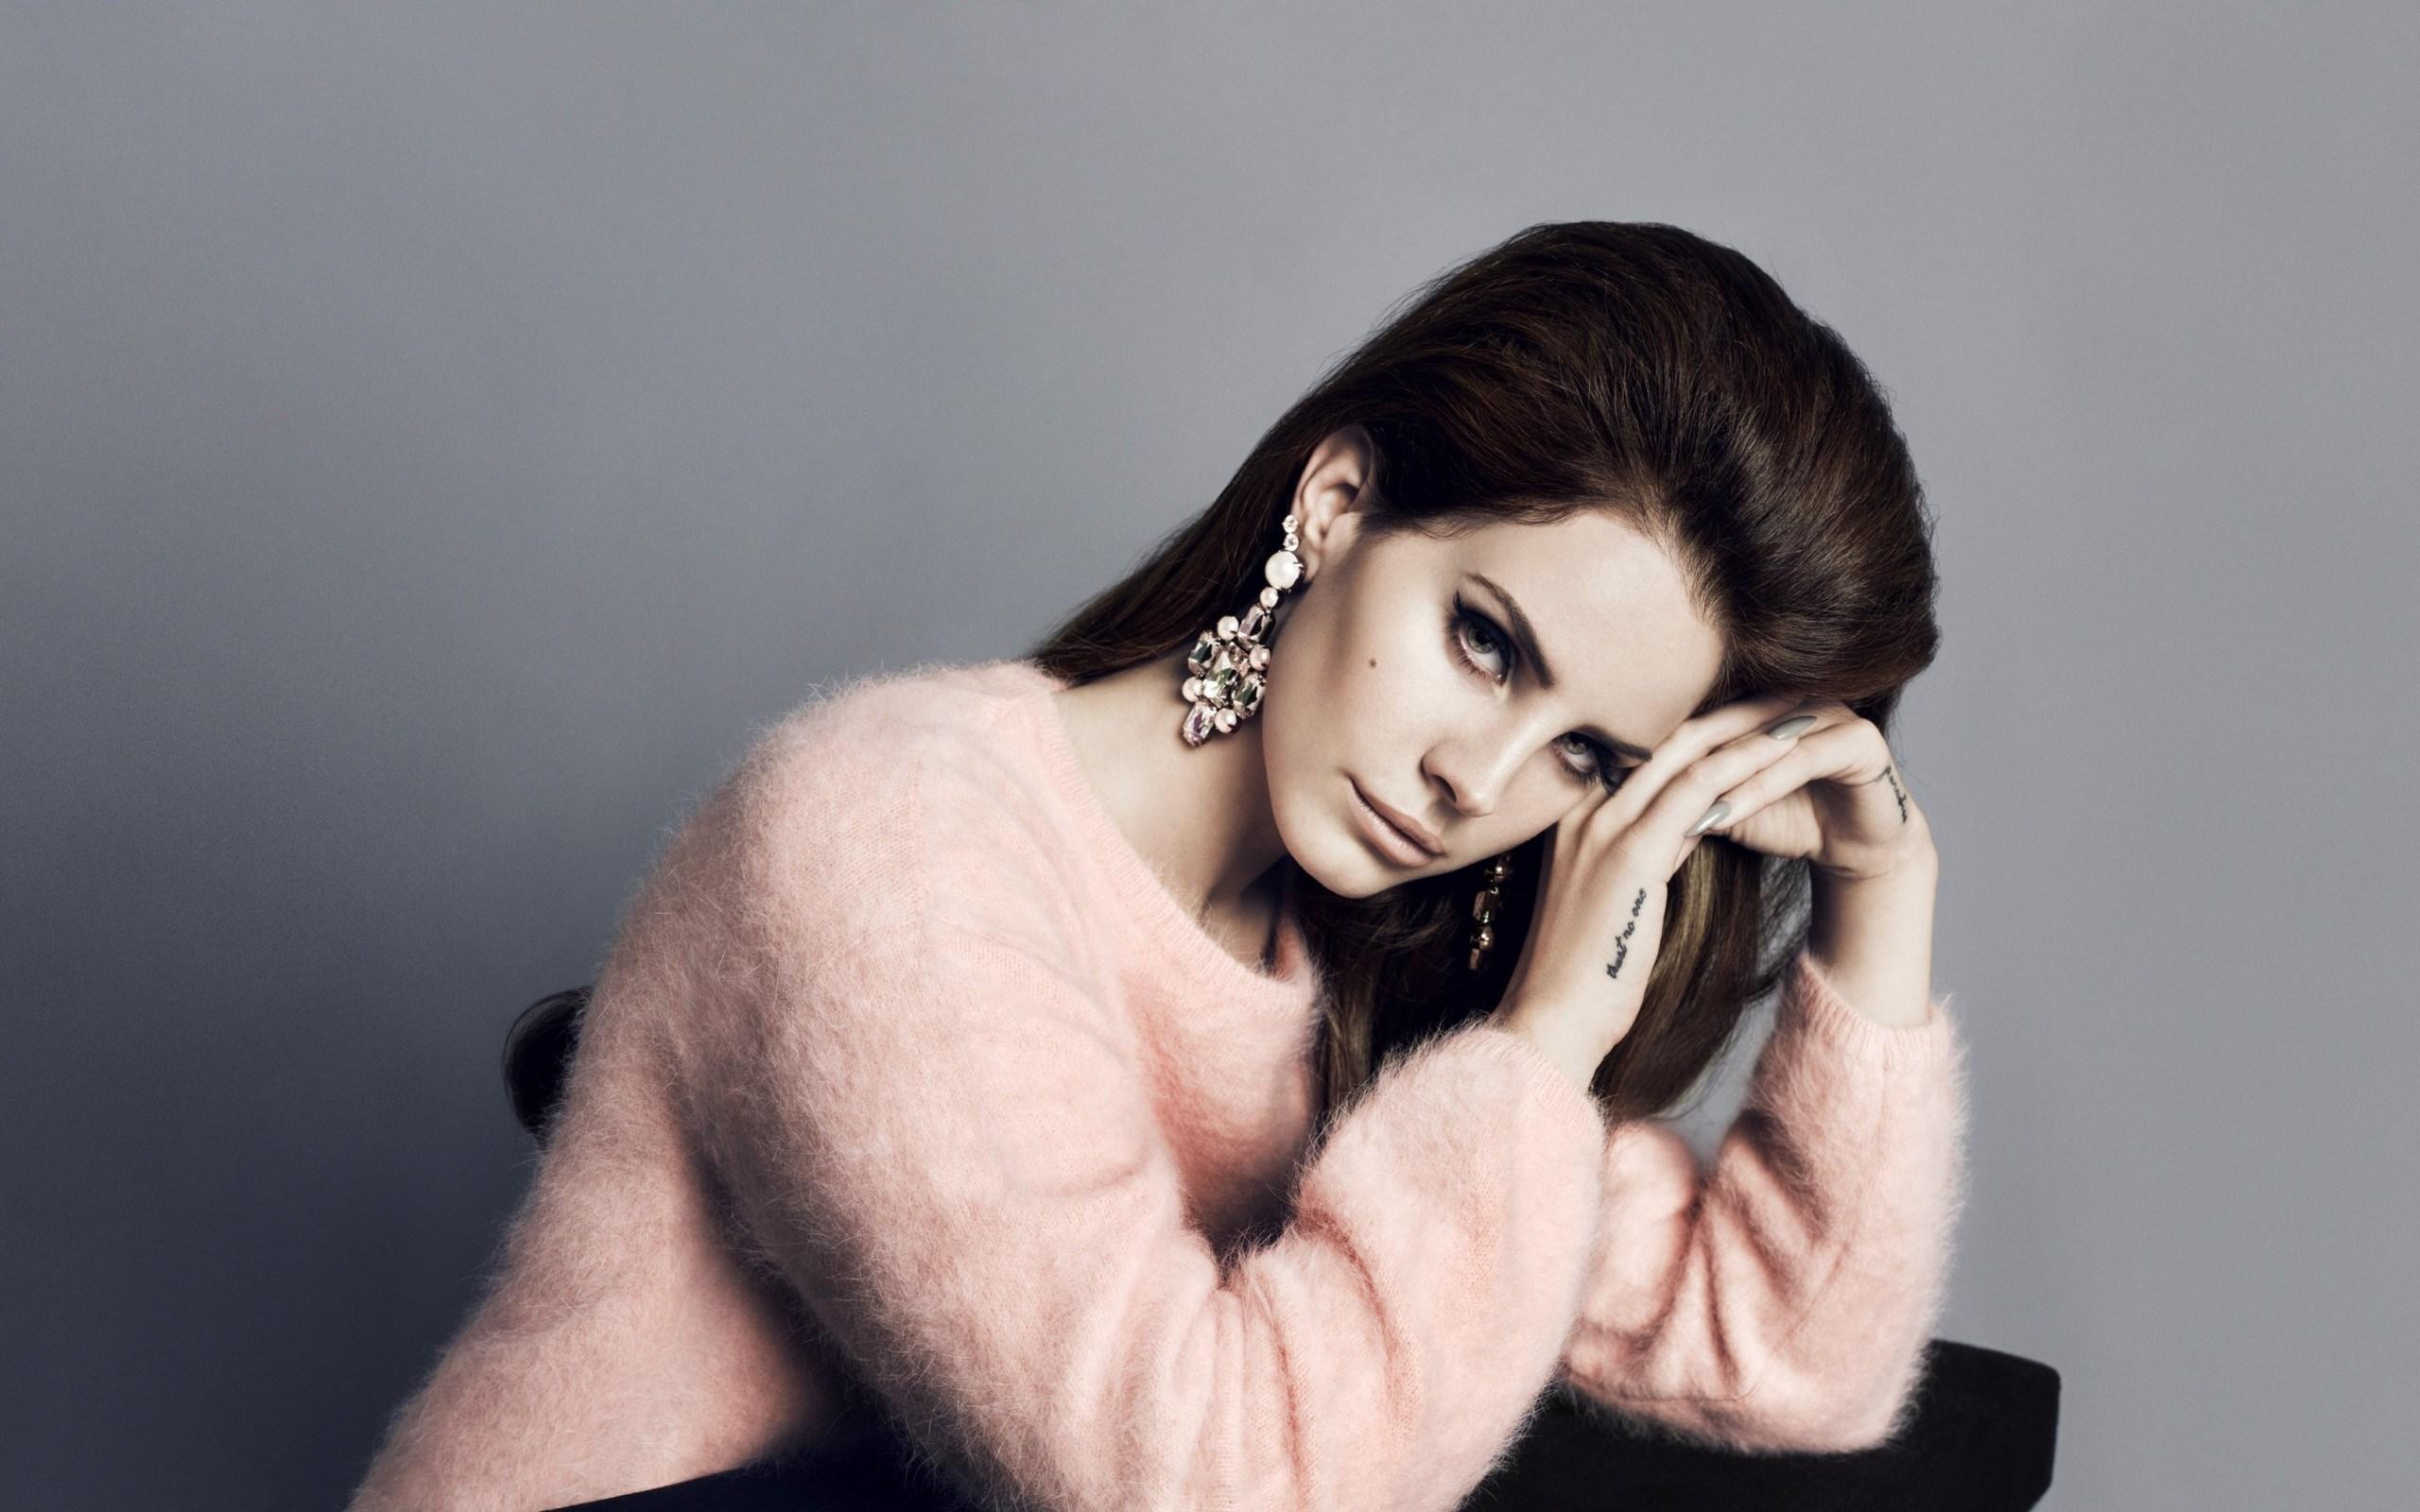 Lana Del Rey Beautiful Singer